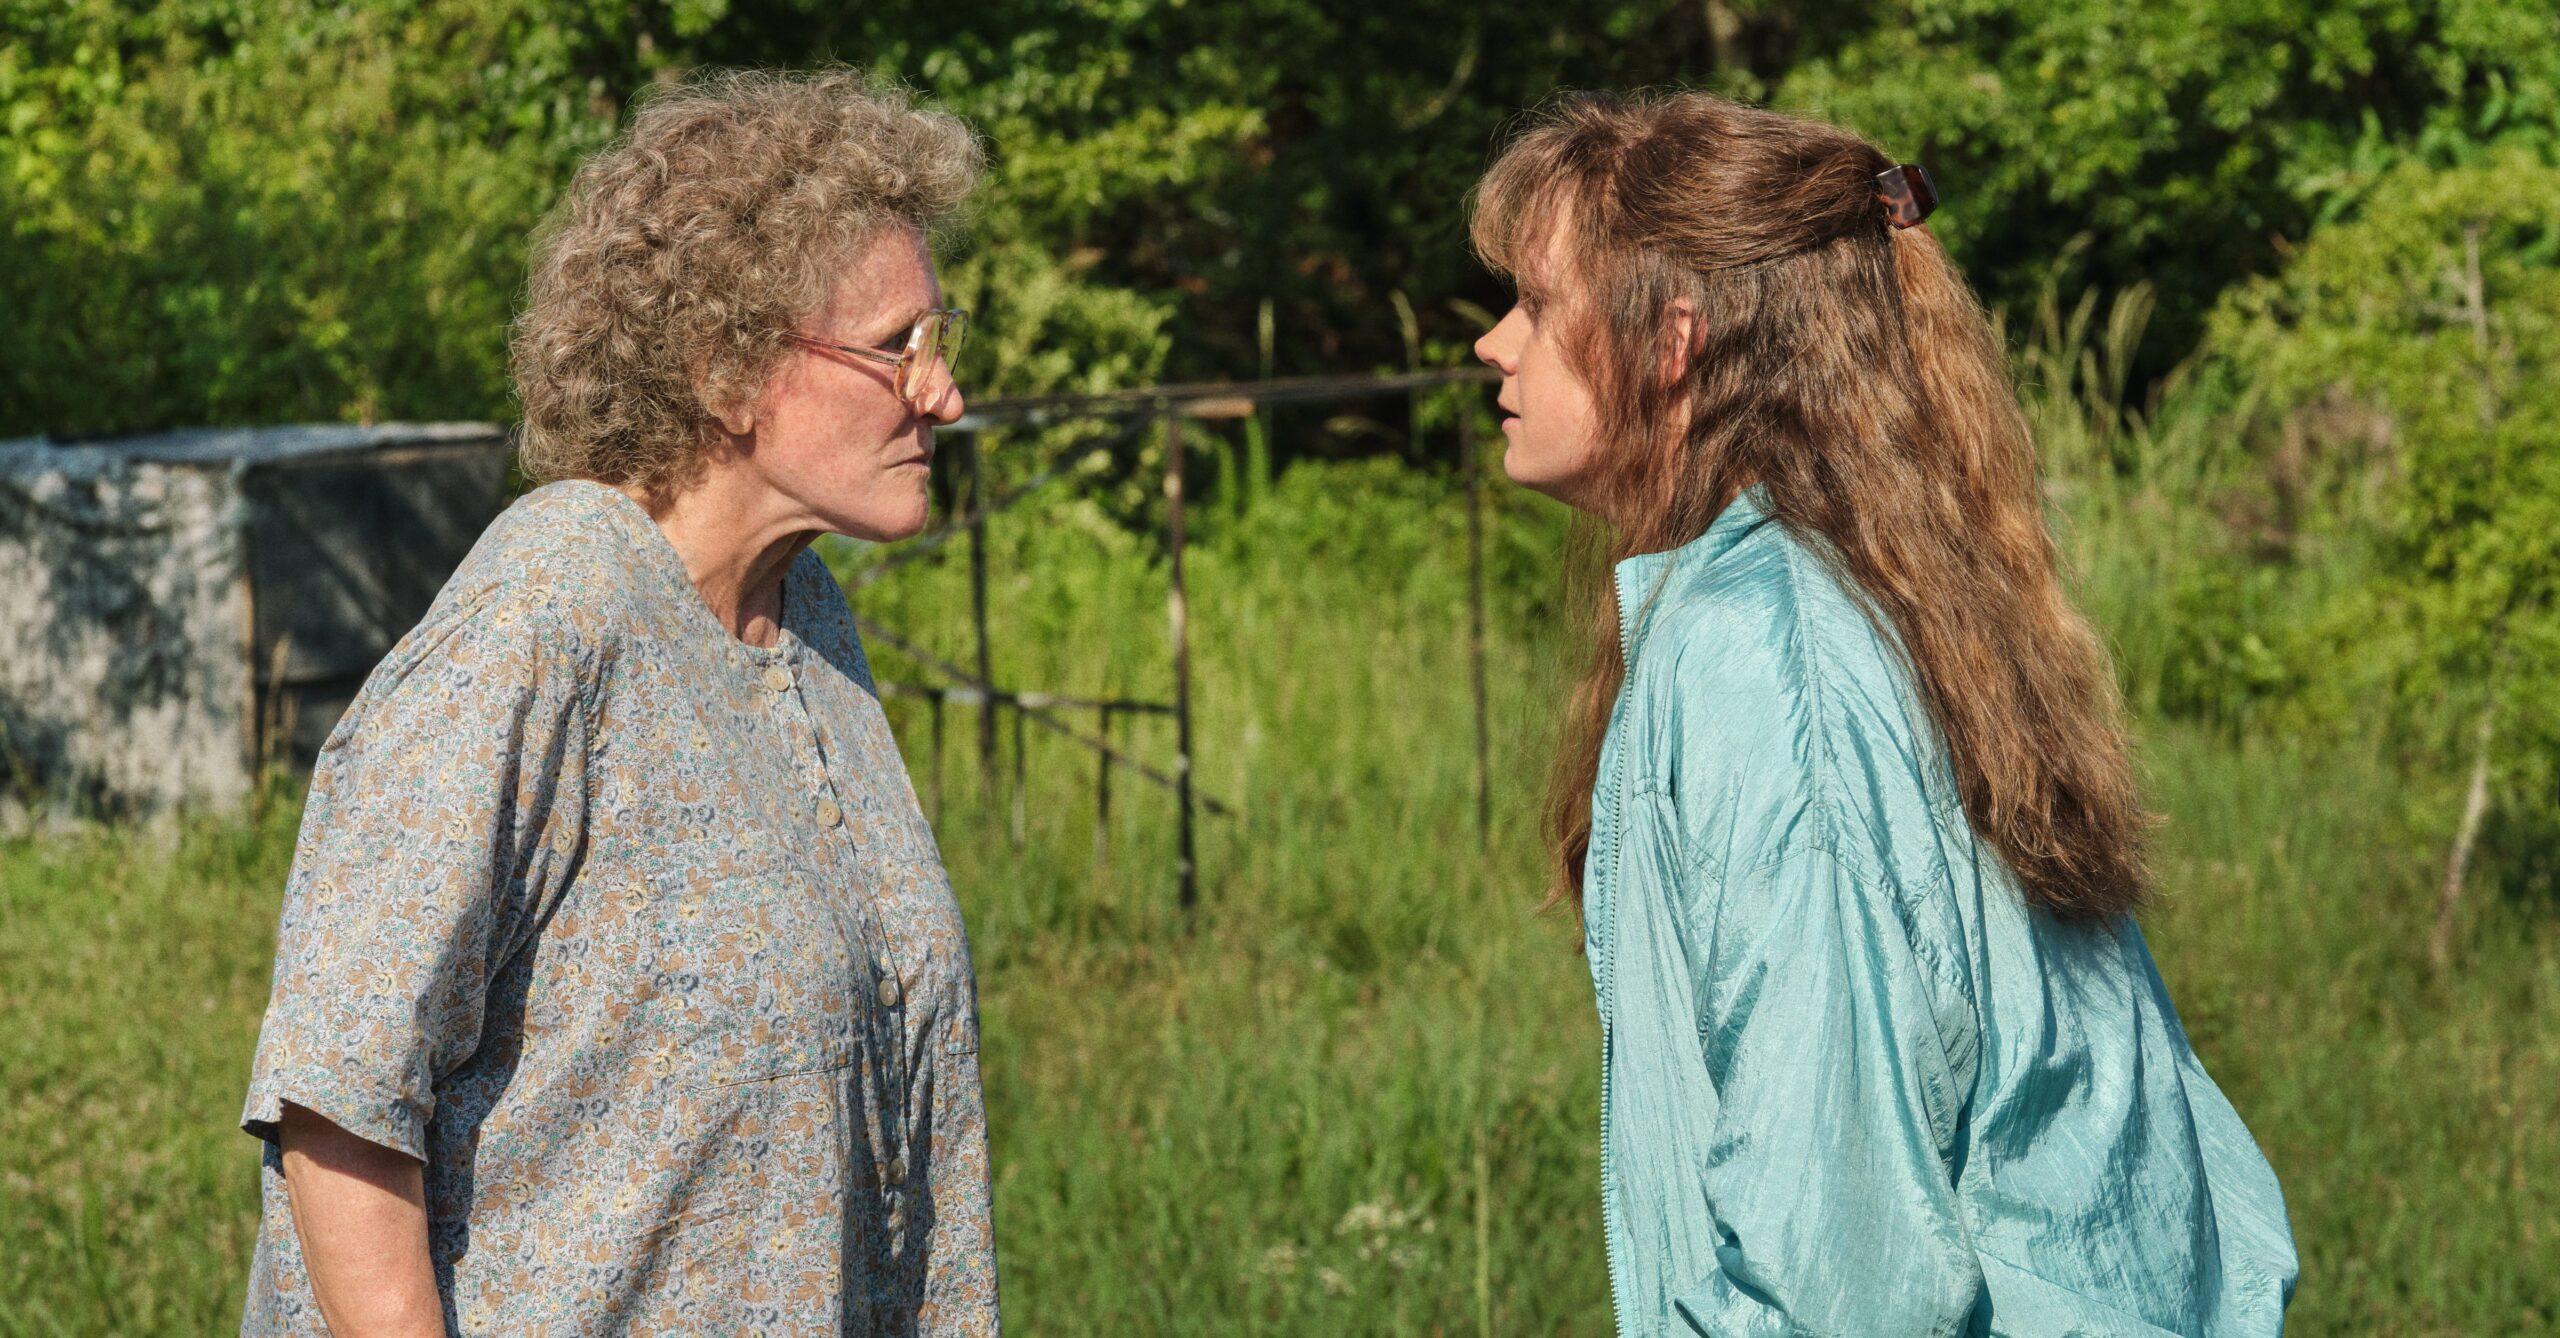 A imagem é uma cena do filme Era uma vez um sonho. Nela, estão as personagens Mamaw e Bev em um gramado, uma encarando a outra. À esquerda, está Mamaw, interpretada por Glenn Close. Ela é uma mulher branca, de cabelos grisalhos e cacheados; ela usa um óculos e está com uma camiseta larga com estampa nas cores azul e bege. À direita, está Bev, interpretada por Amy Adams. Ela é uma mulher branca, de cabelos ruivos compridos; ela veste um agasalho azul-claro.